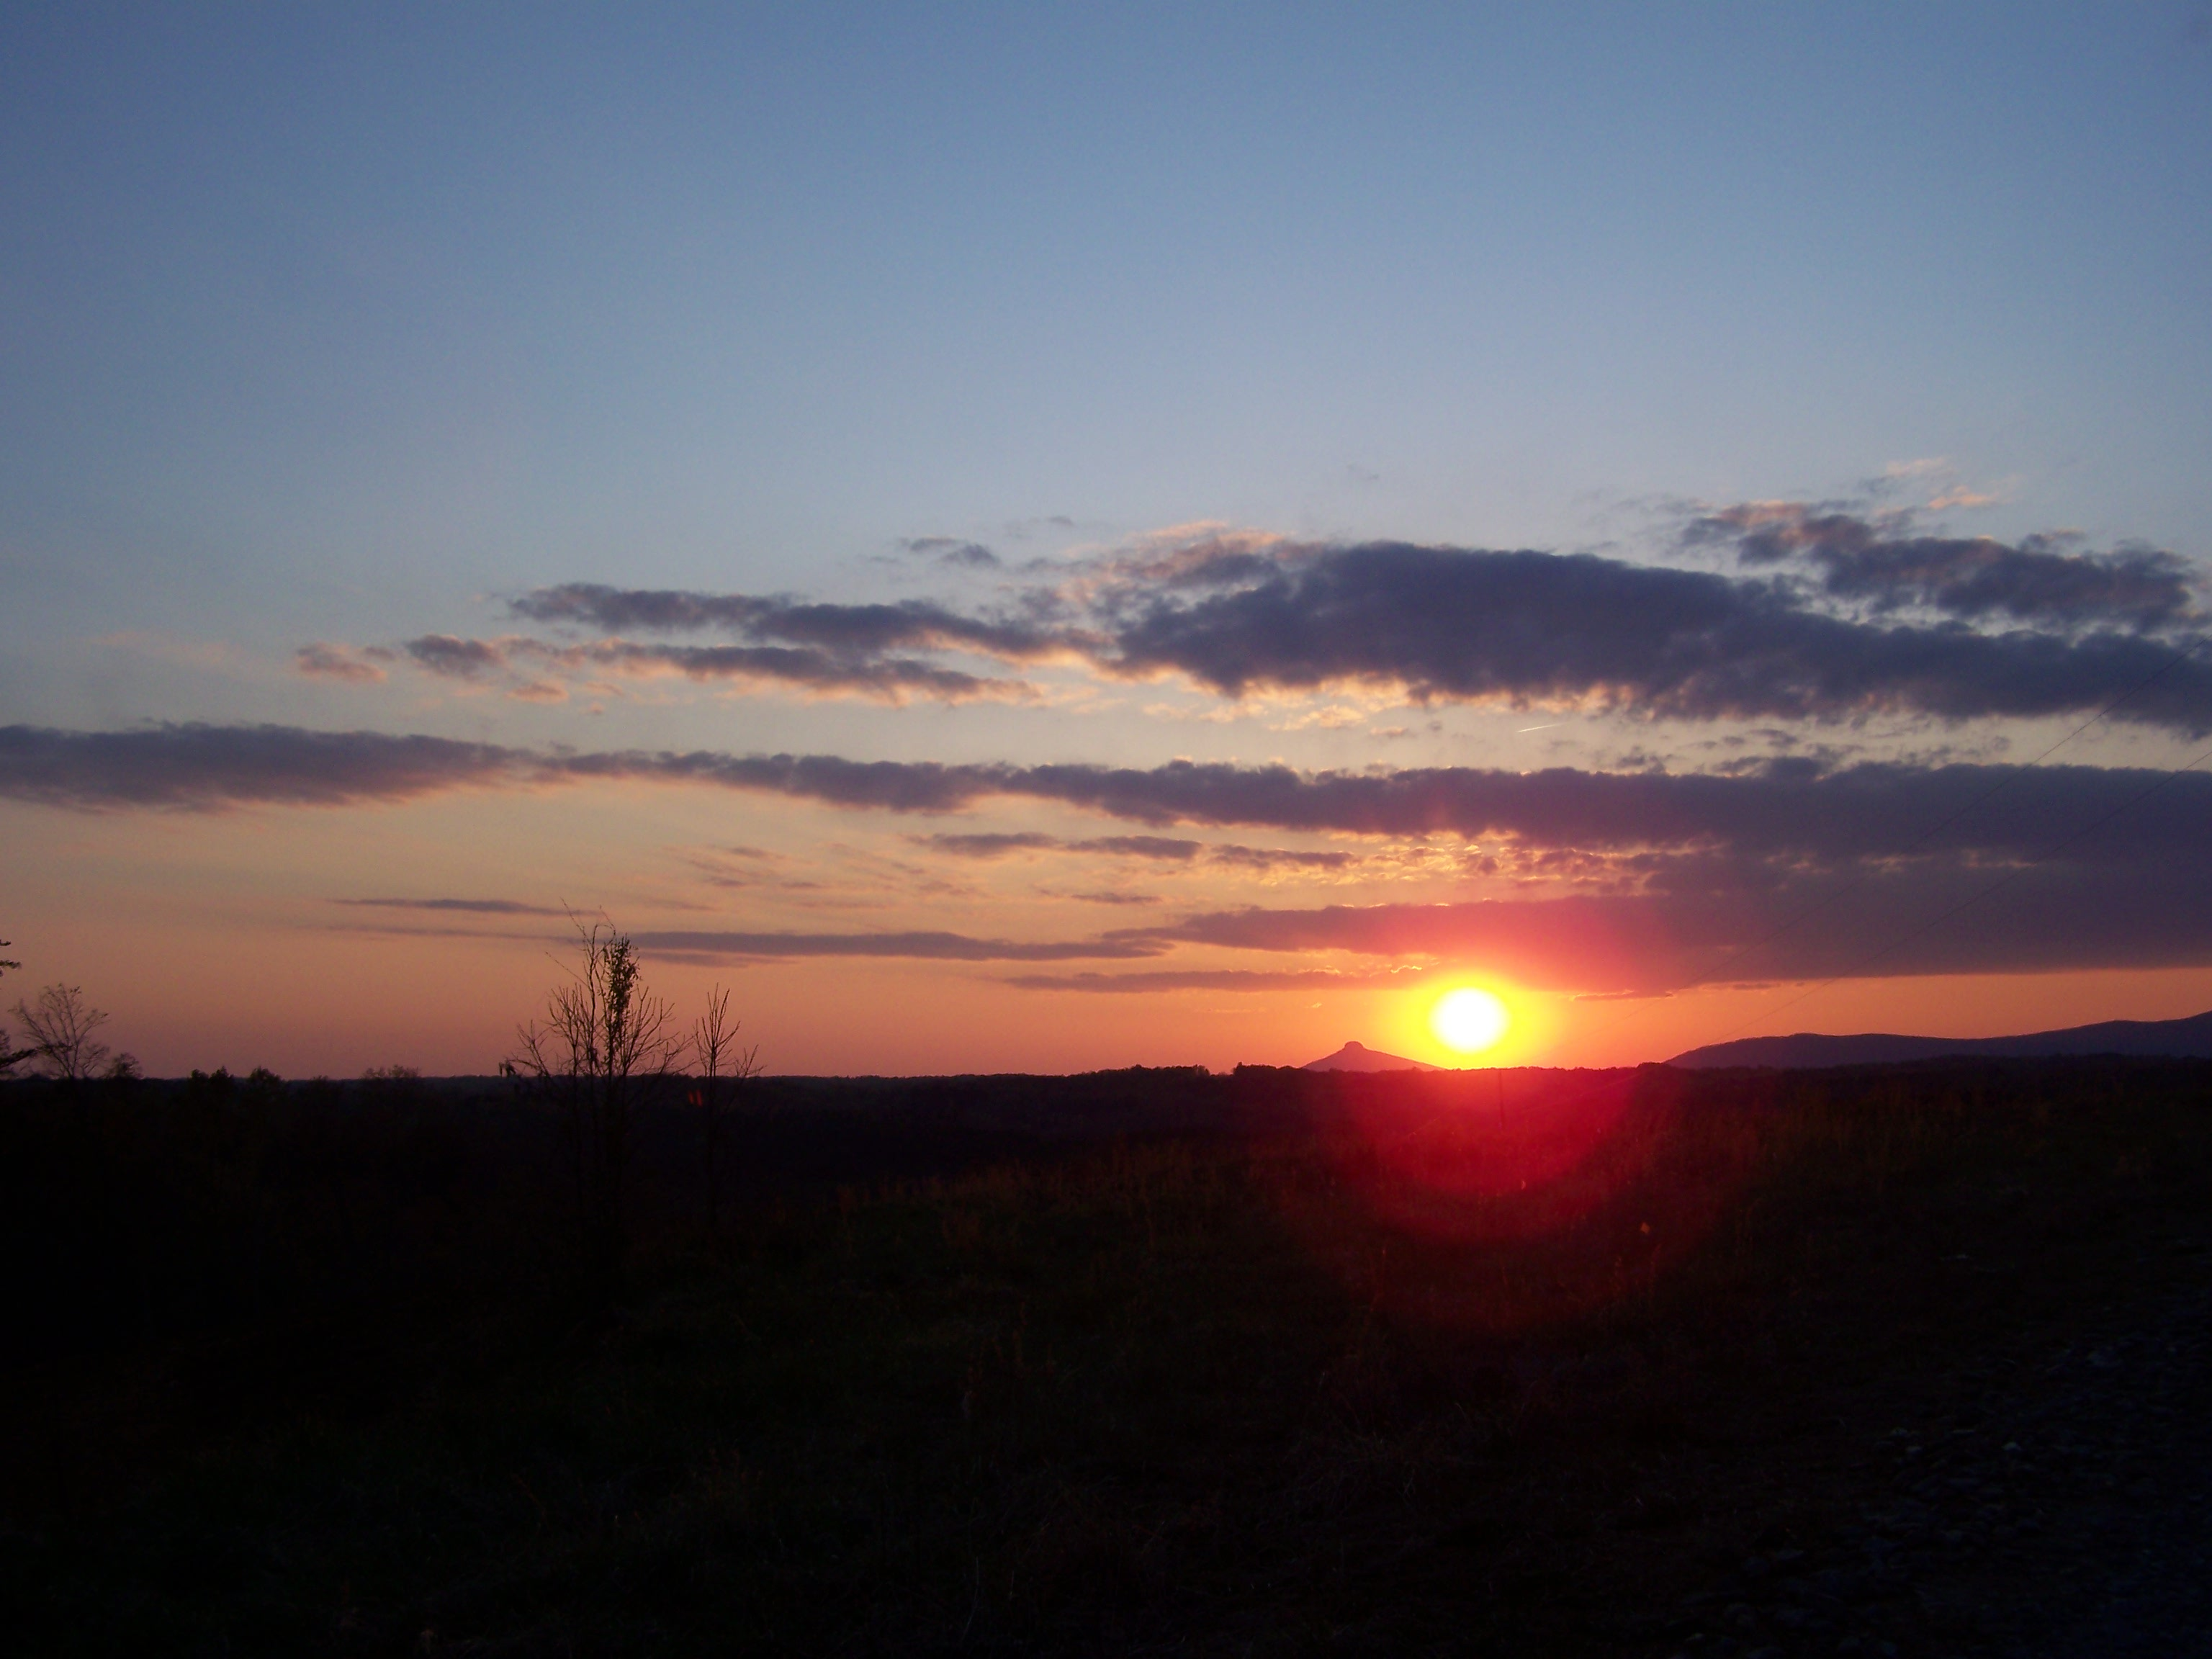 Sunset-Pilot Mountain NC by seiyastock